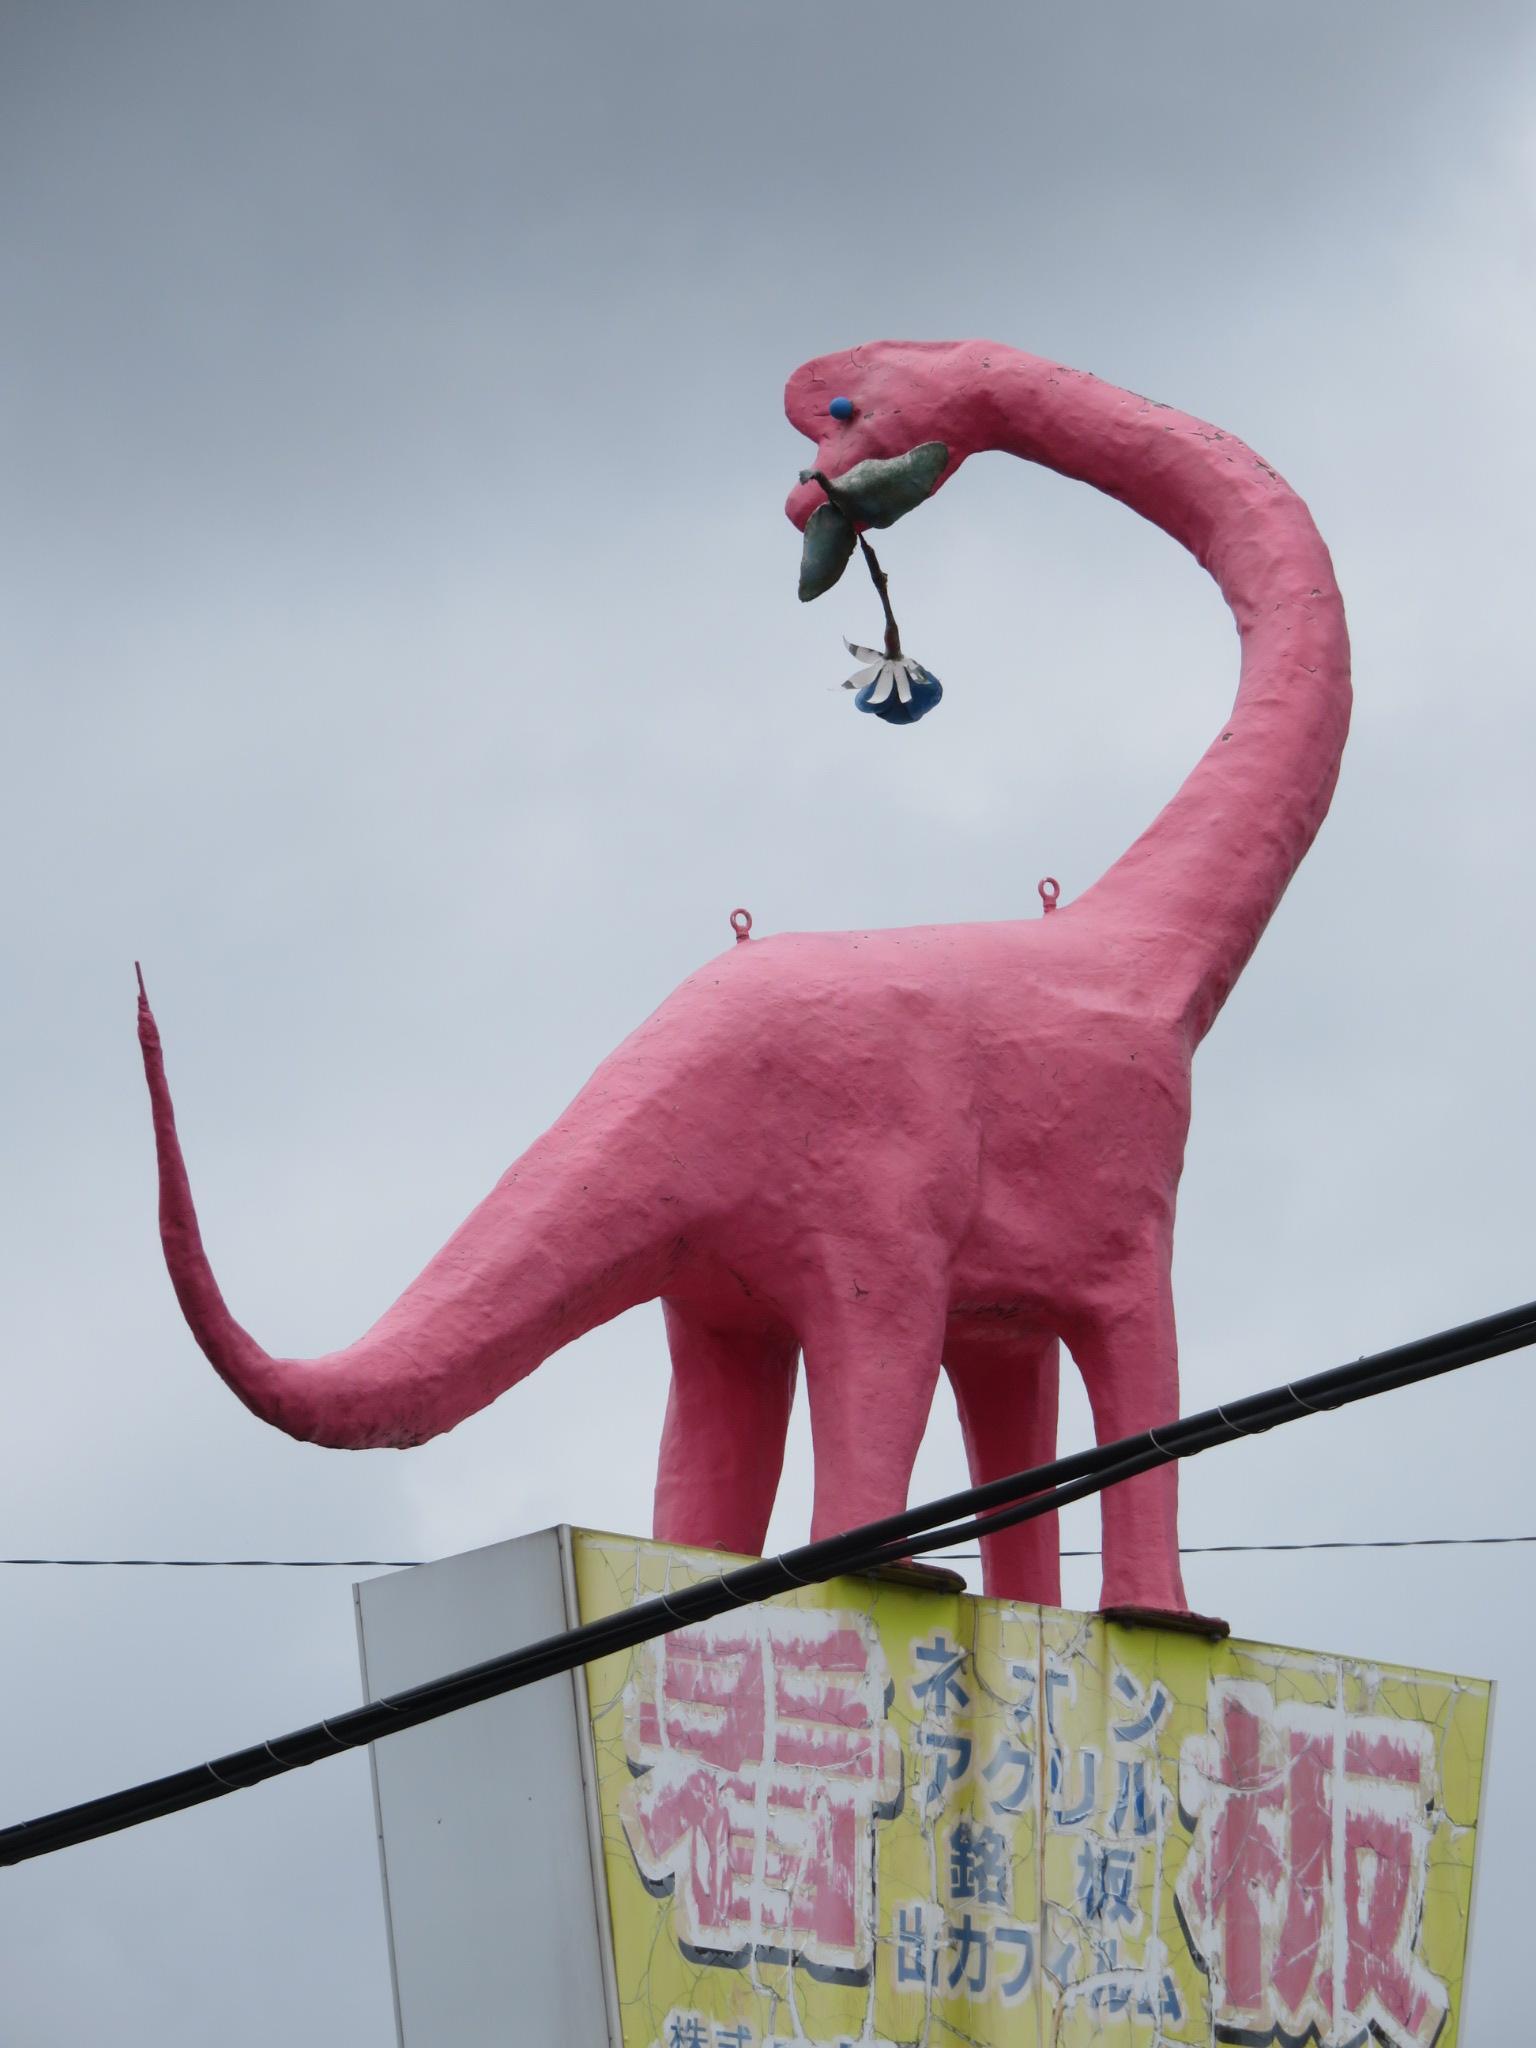 【おもしろオブジェ No.0034】ピンクの恐竜が花?をくわえてました